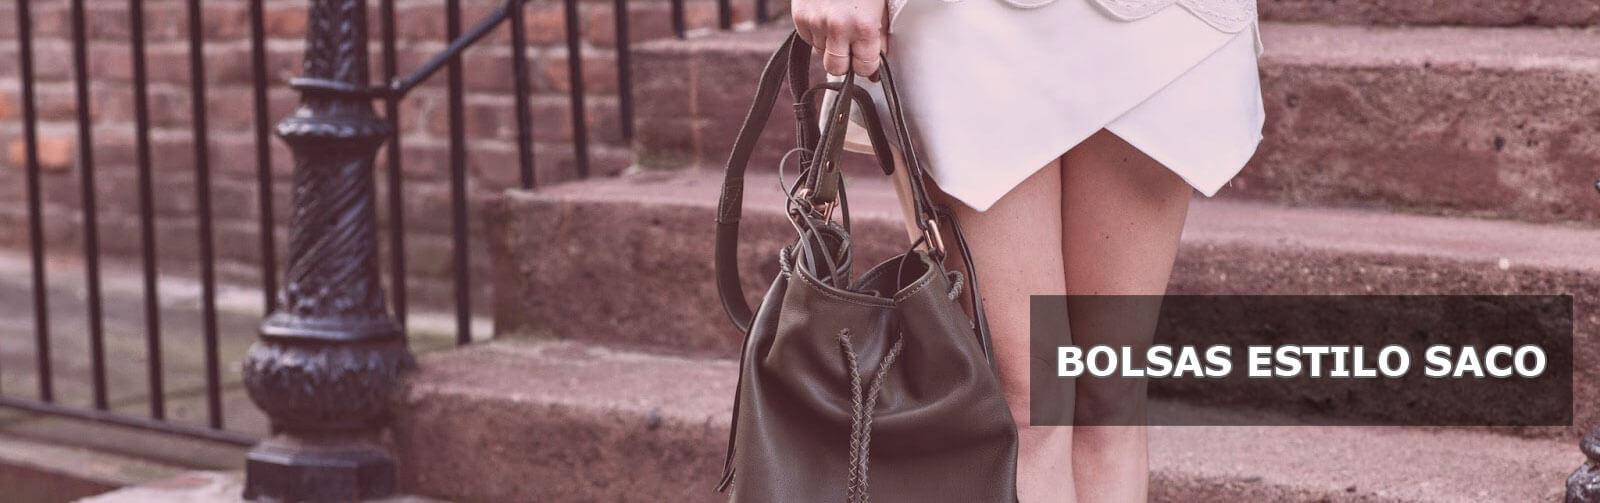 Bolsas saco baratas em promoção